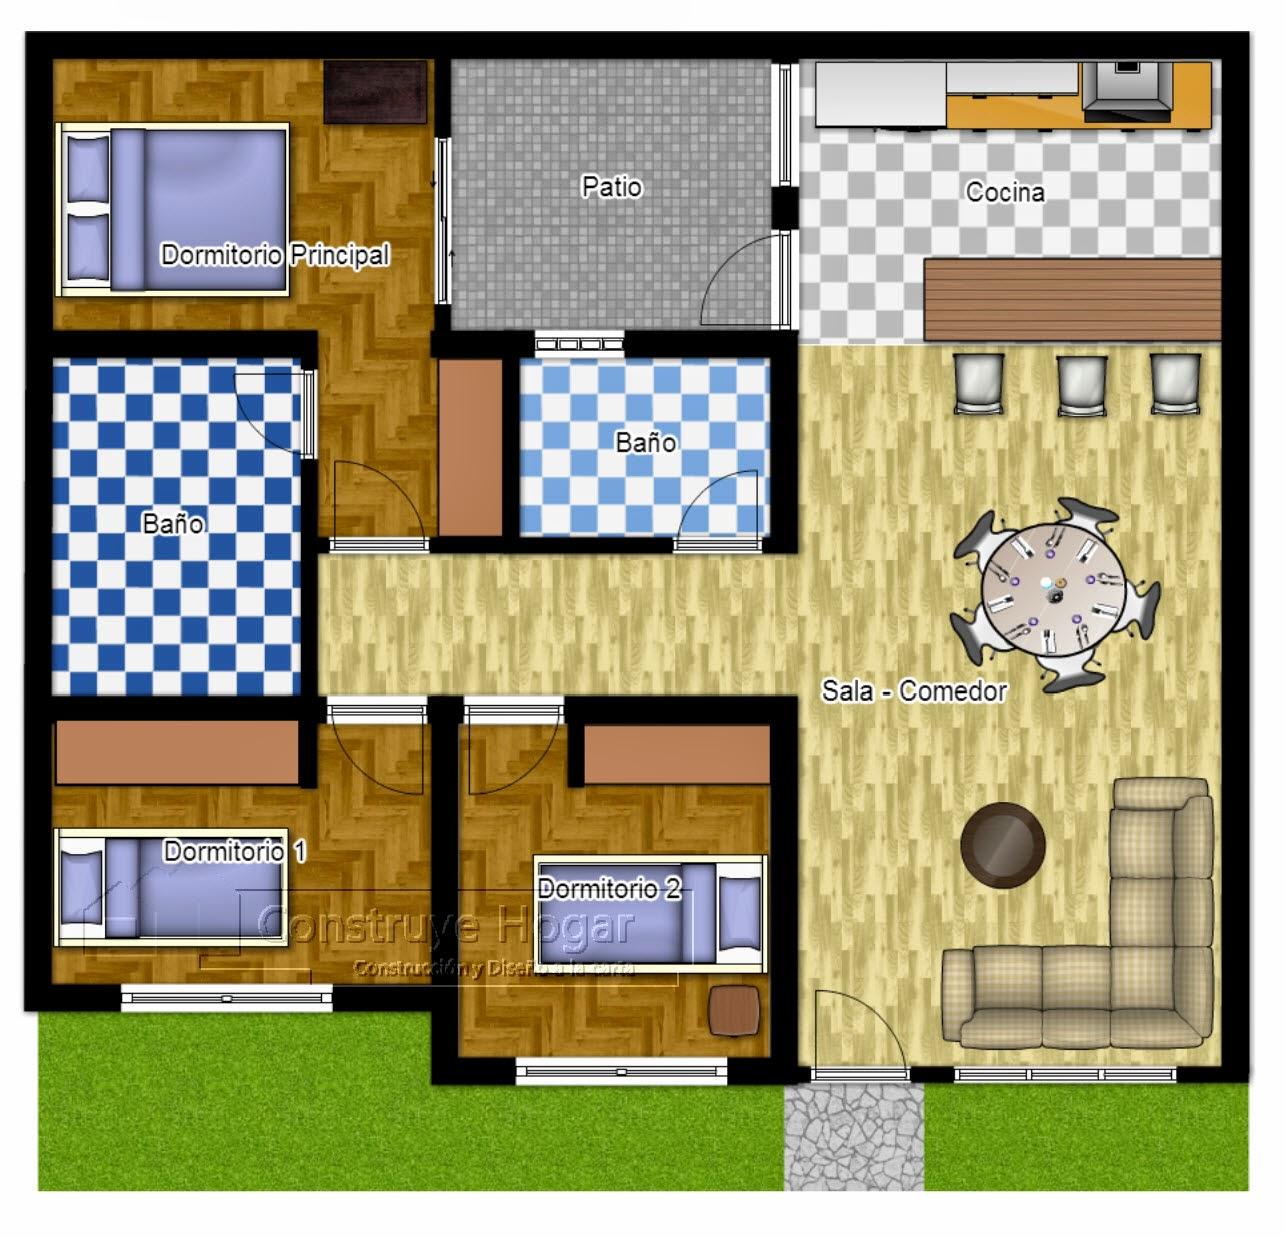 Desain Rumah Minimalis 1 Lantai 3 Kamar Tidur Gambar Foto Desain